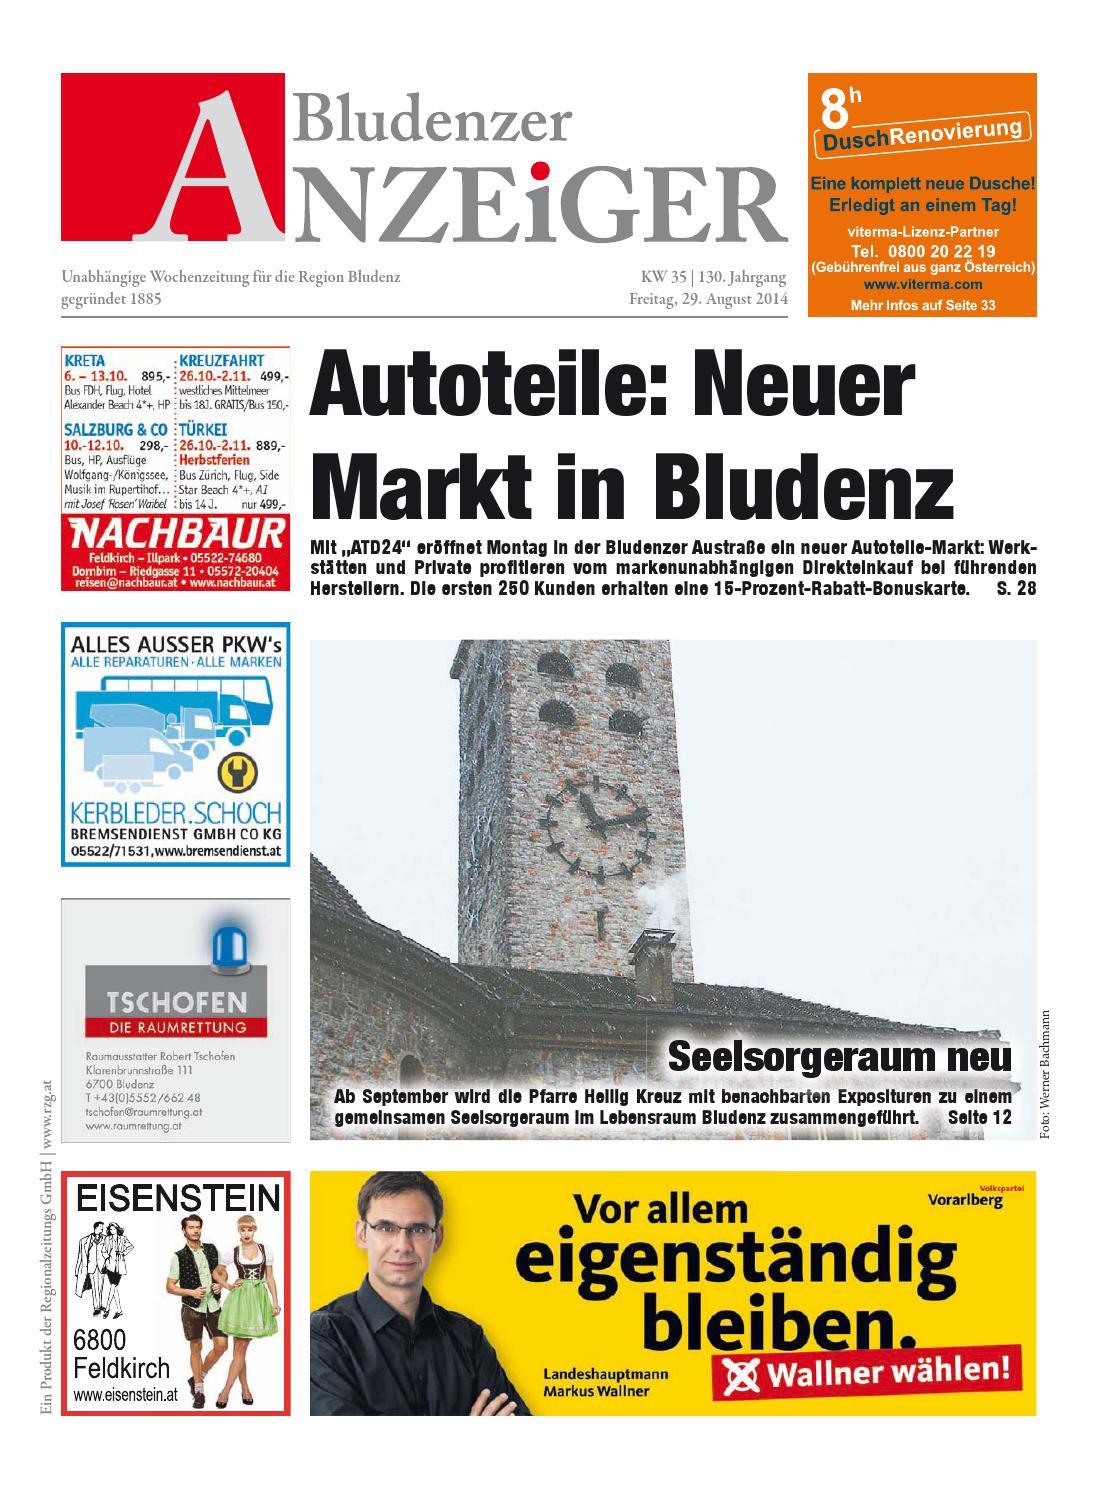 Bekanntschaften in Bludenz - Partnersuche & Kontakte